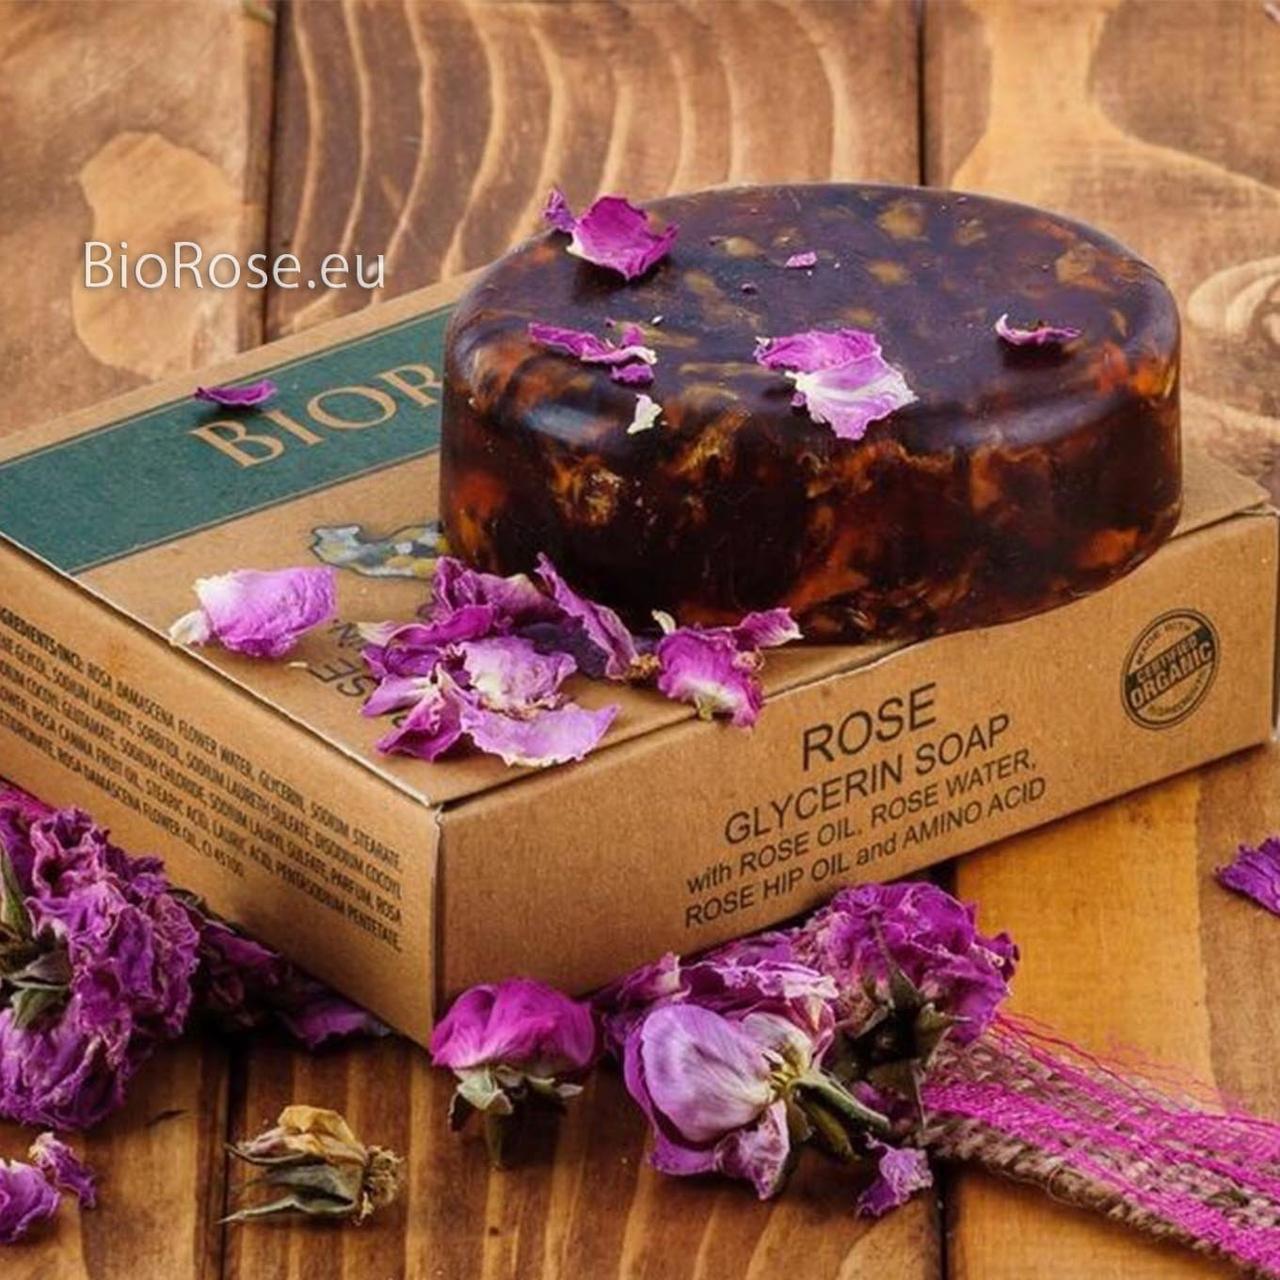 Органическое глицериновое мыло Роза - Rose Glicerin Soap, BioRose, 90 гр